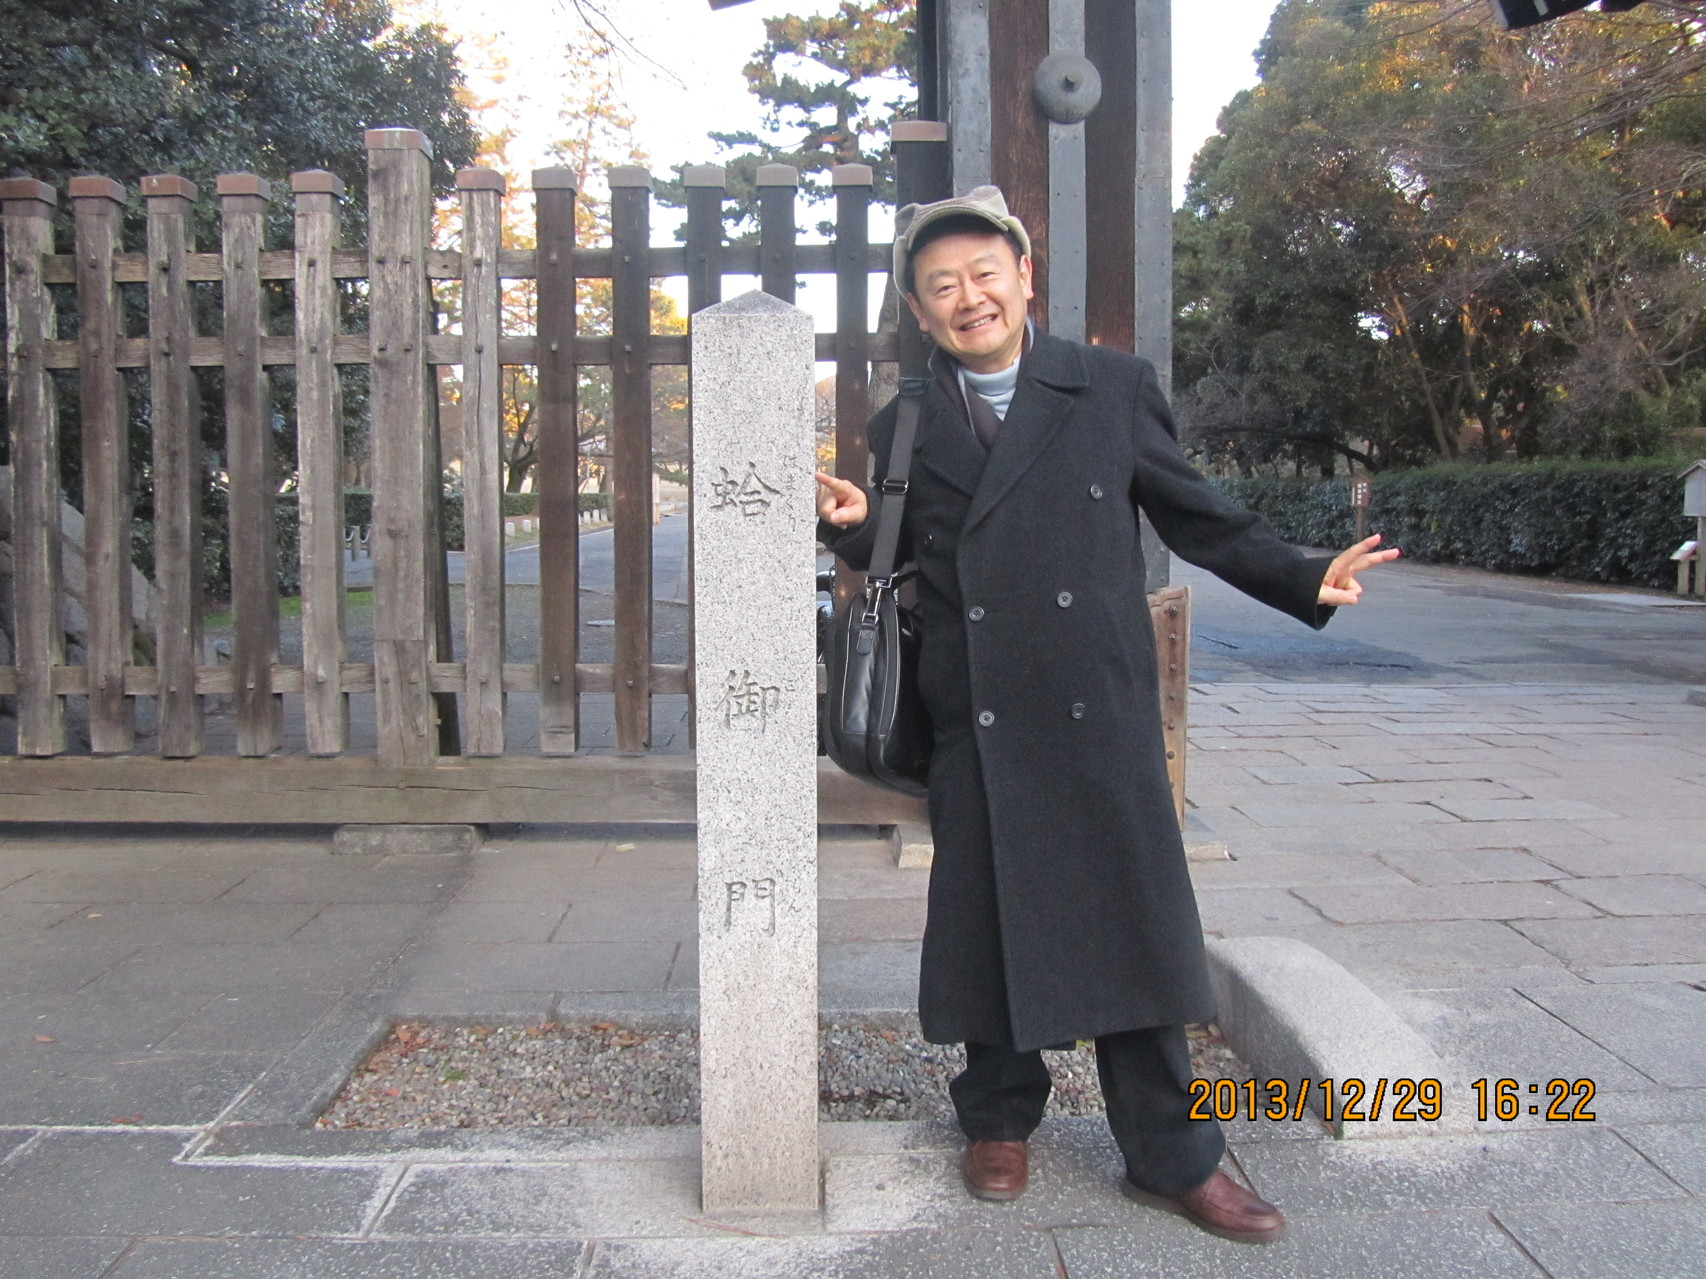 京都から追放されていた長州藩が蛤御門の周辺で会津藩と衝突し、「禁門の変」が勃発しました。